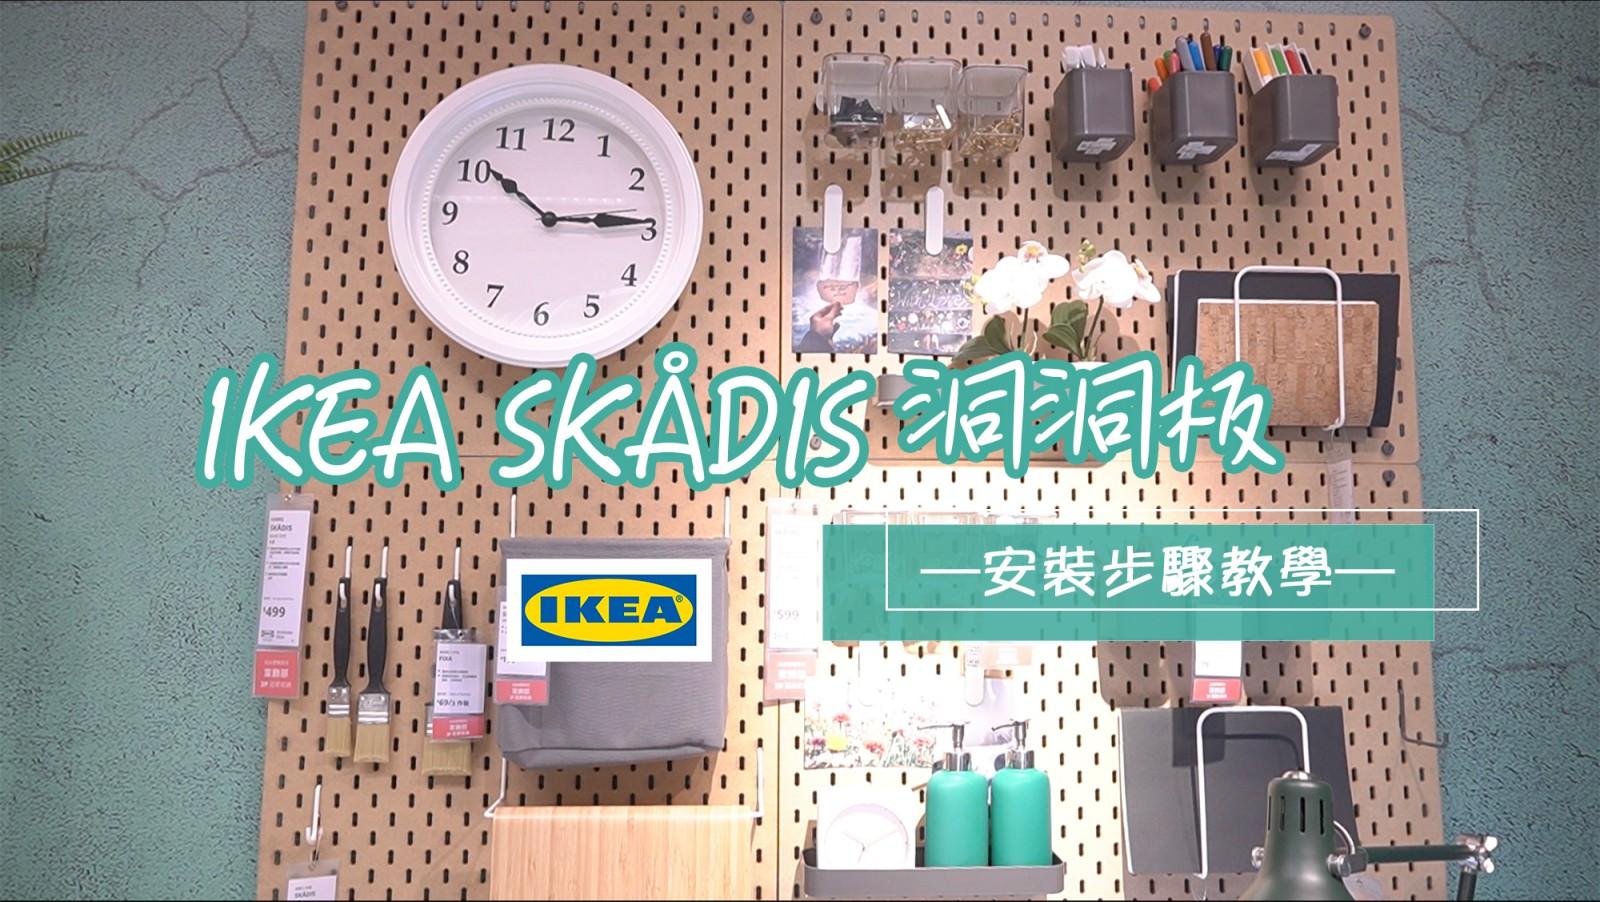 即時熱門文章:☆【有片】IKEA SKÅDIS 洞洞板安裝教學。那些說明書上沒告訴你的事…..